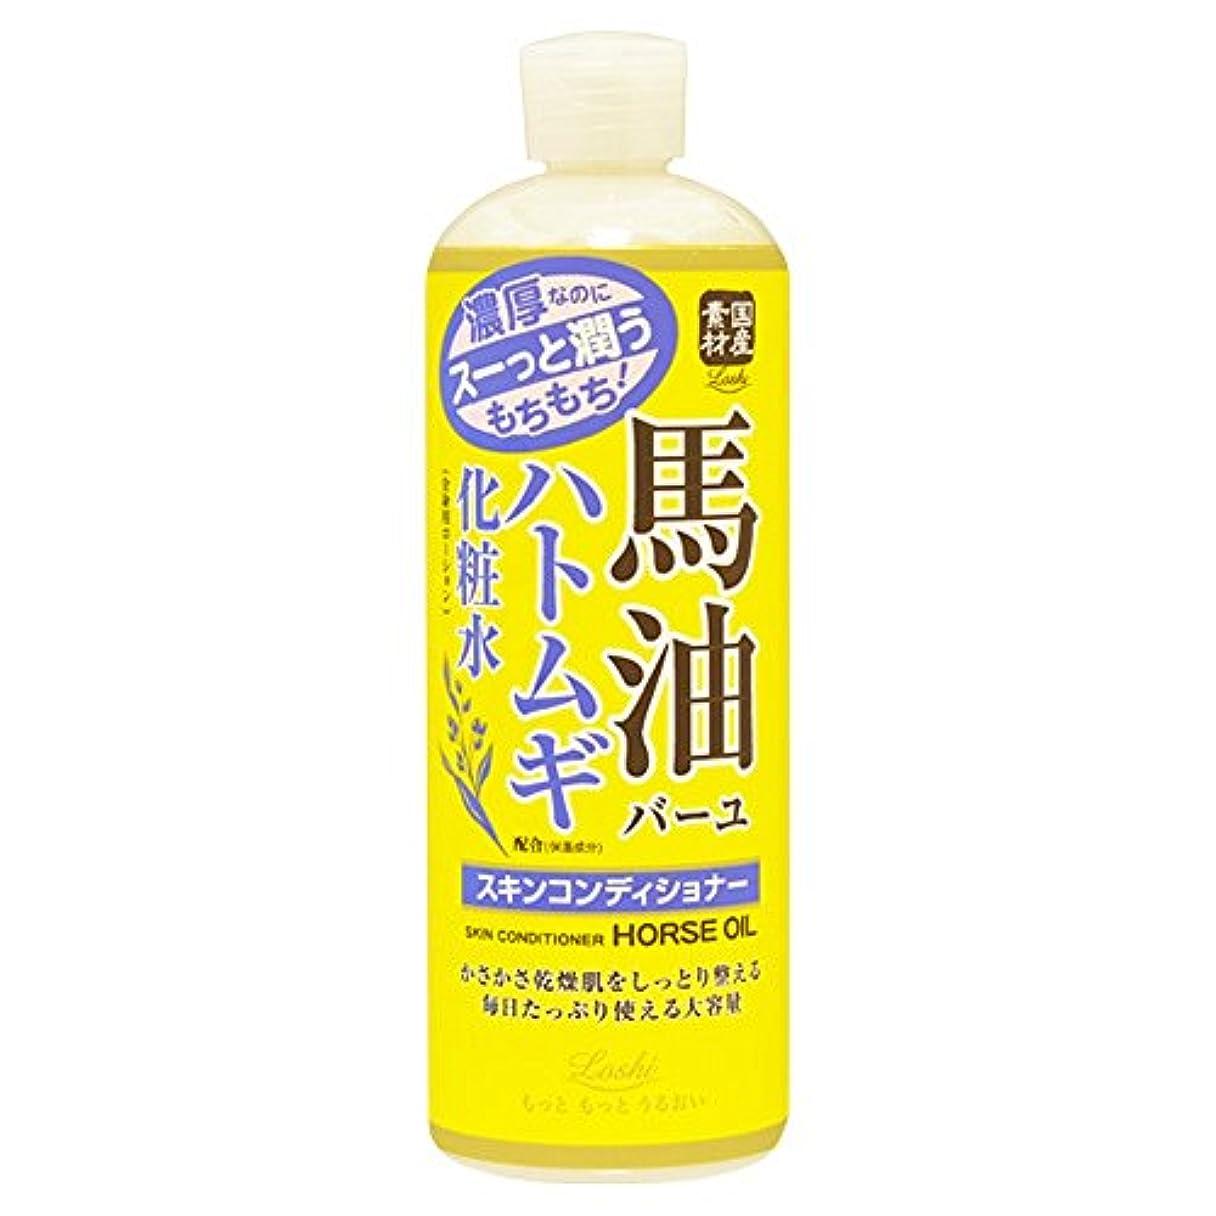 すみません足昼寝ロッシモイストエイド スキンコンディショナー 馬油&ハトムギ 500ml (化粧水 ローション 高保湿)